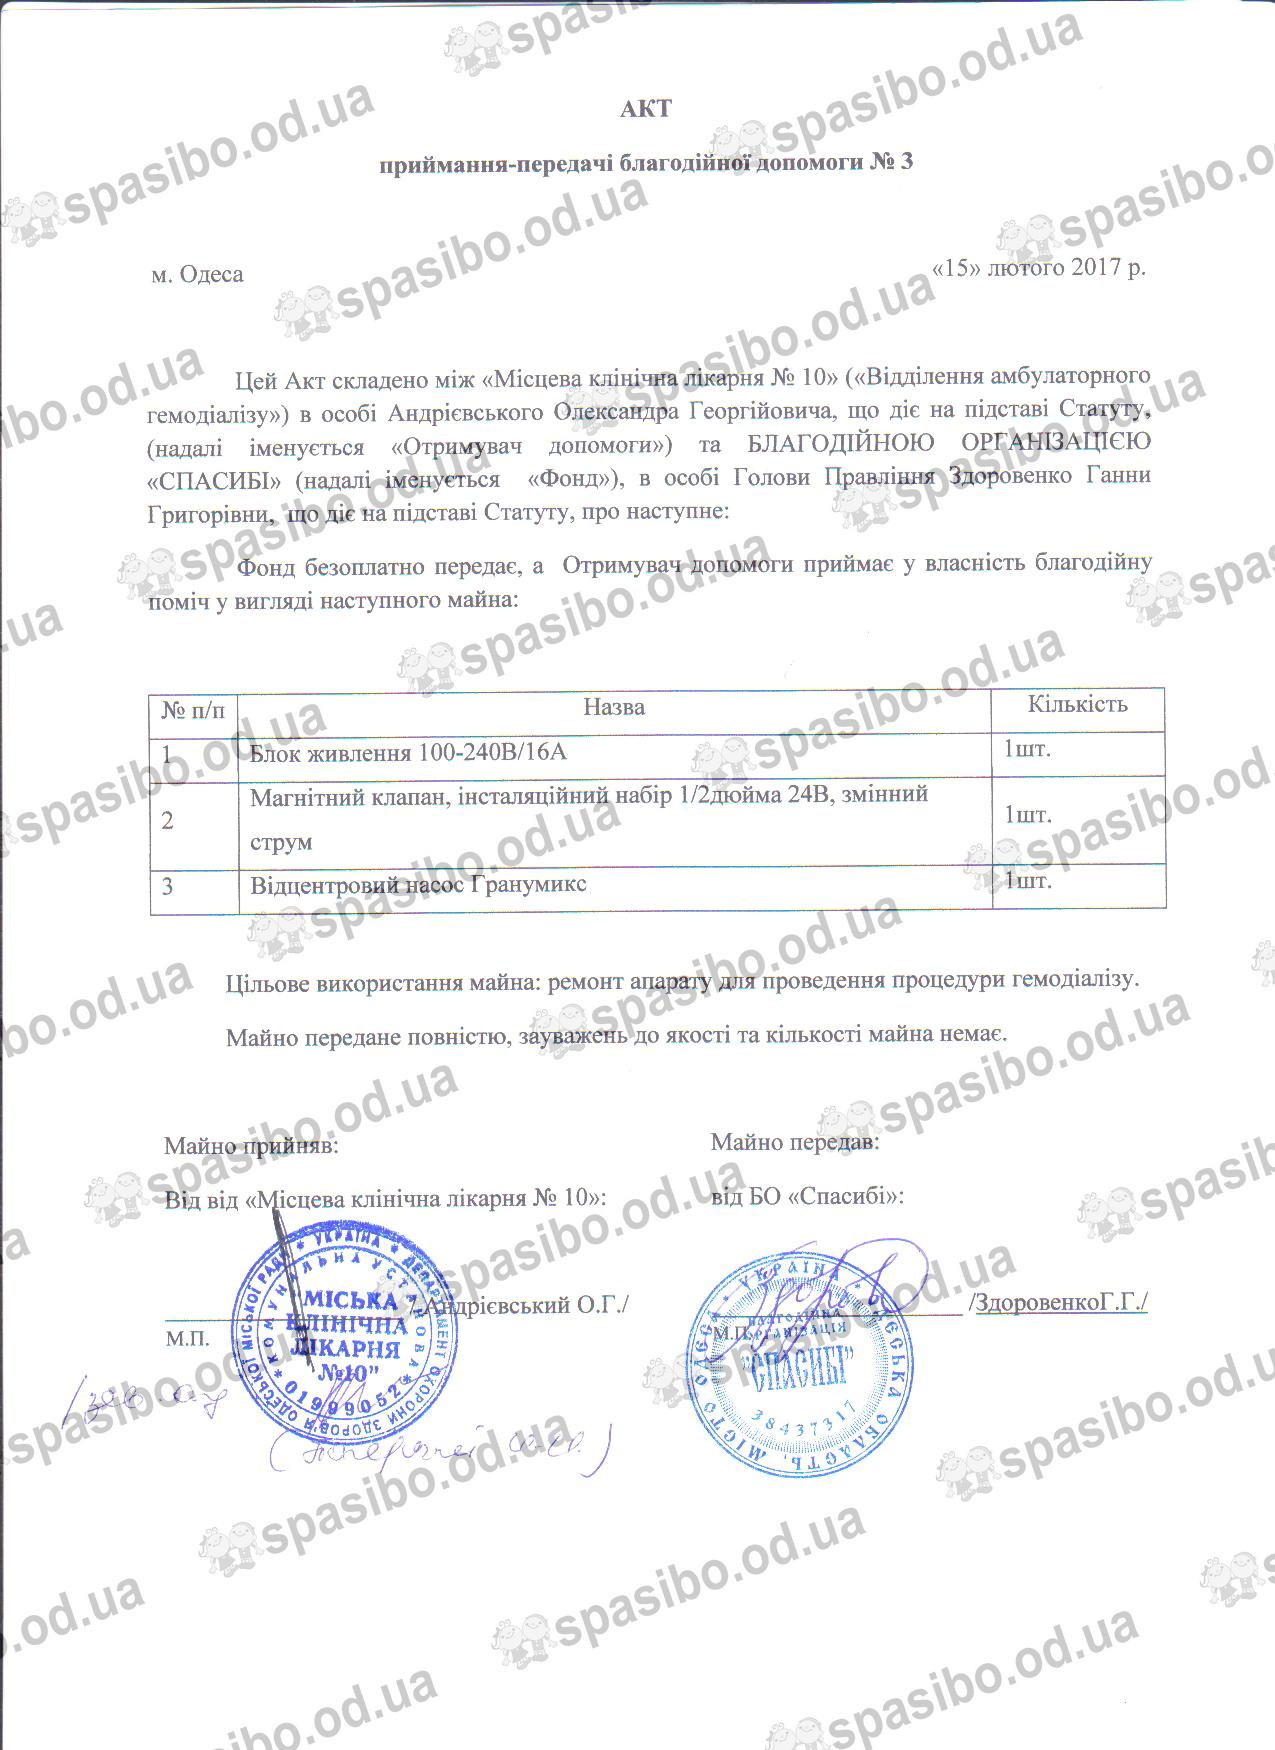 Акт приймання передачі №3 від 15.02.2017